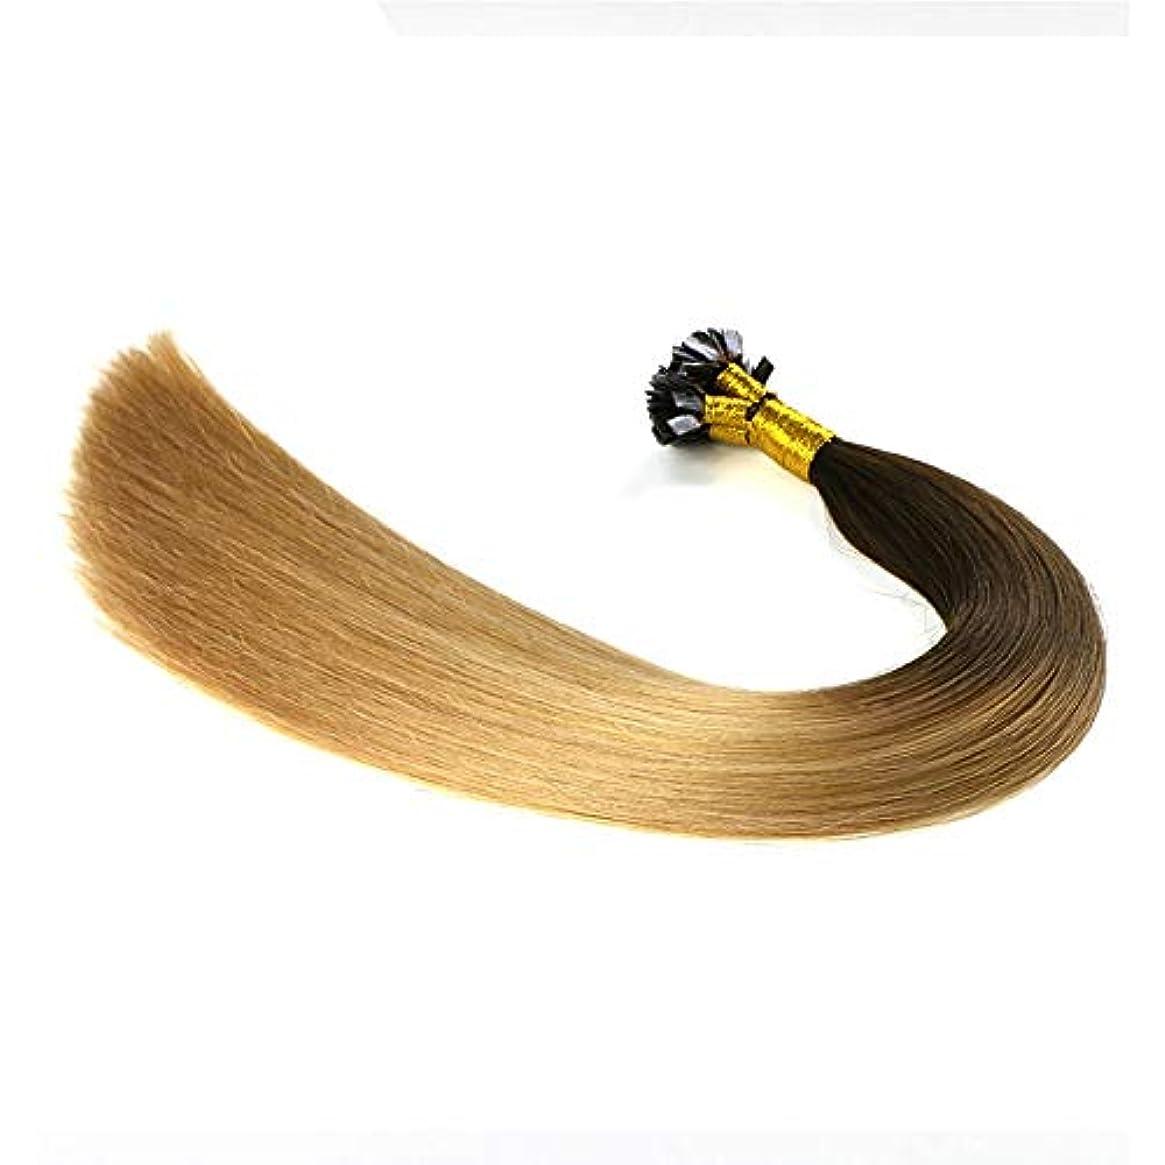 固執ペデスタル運ぶWASAIO ヘアエクステンションクリップのシームレスな髪型ナノリングオンブルトップ金ぴかブラウンボトムハイライトブロンドダブル描かれた人間の髪 (色 : Blonde, サイズ : 24 inch)